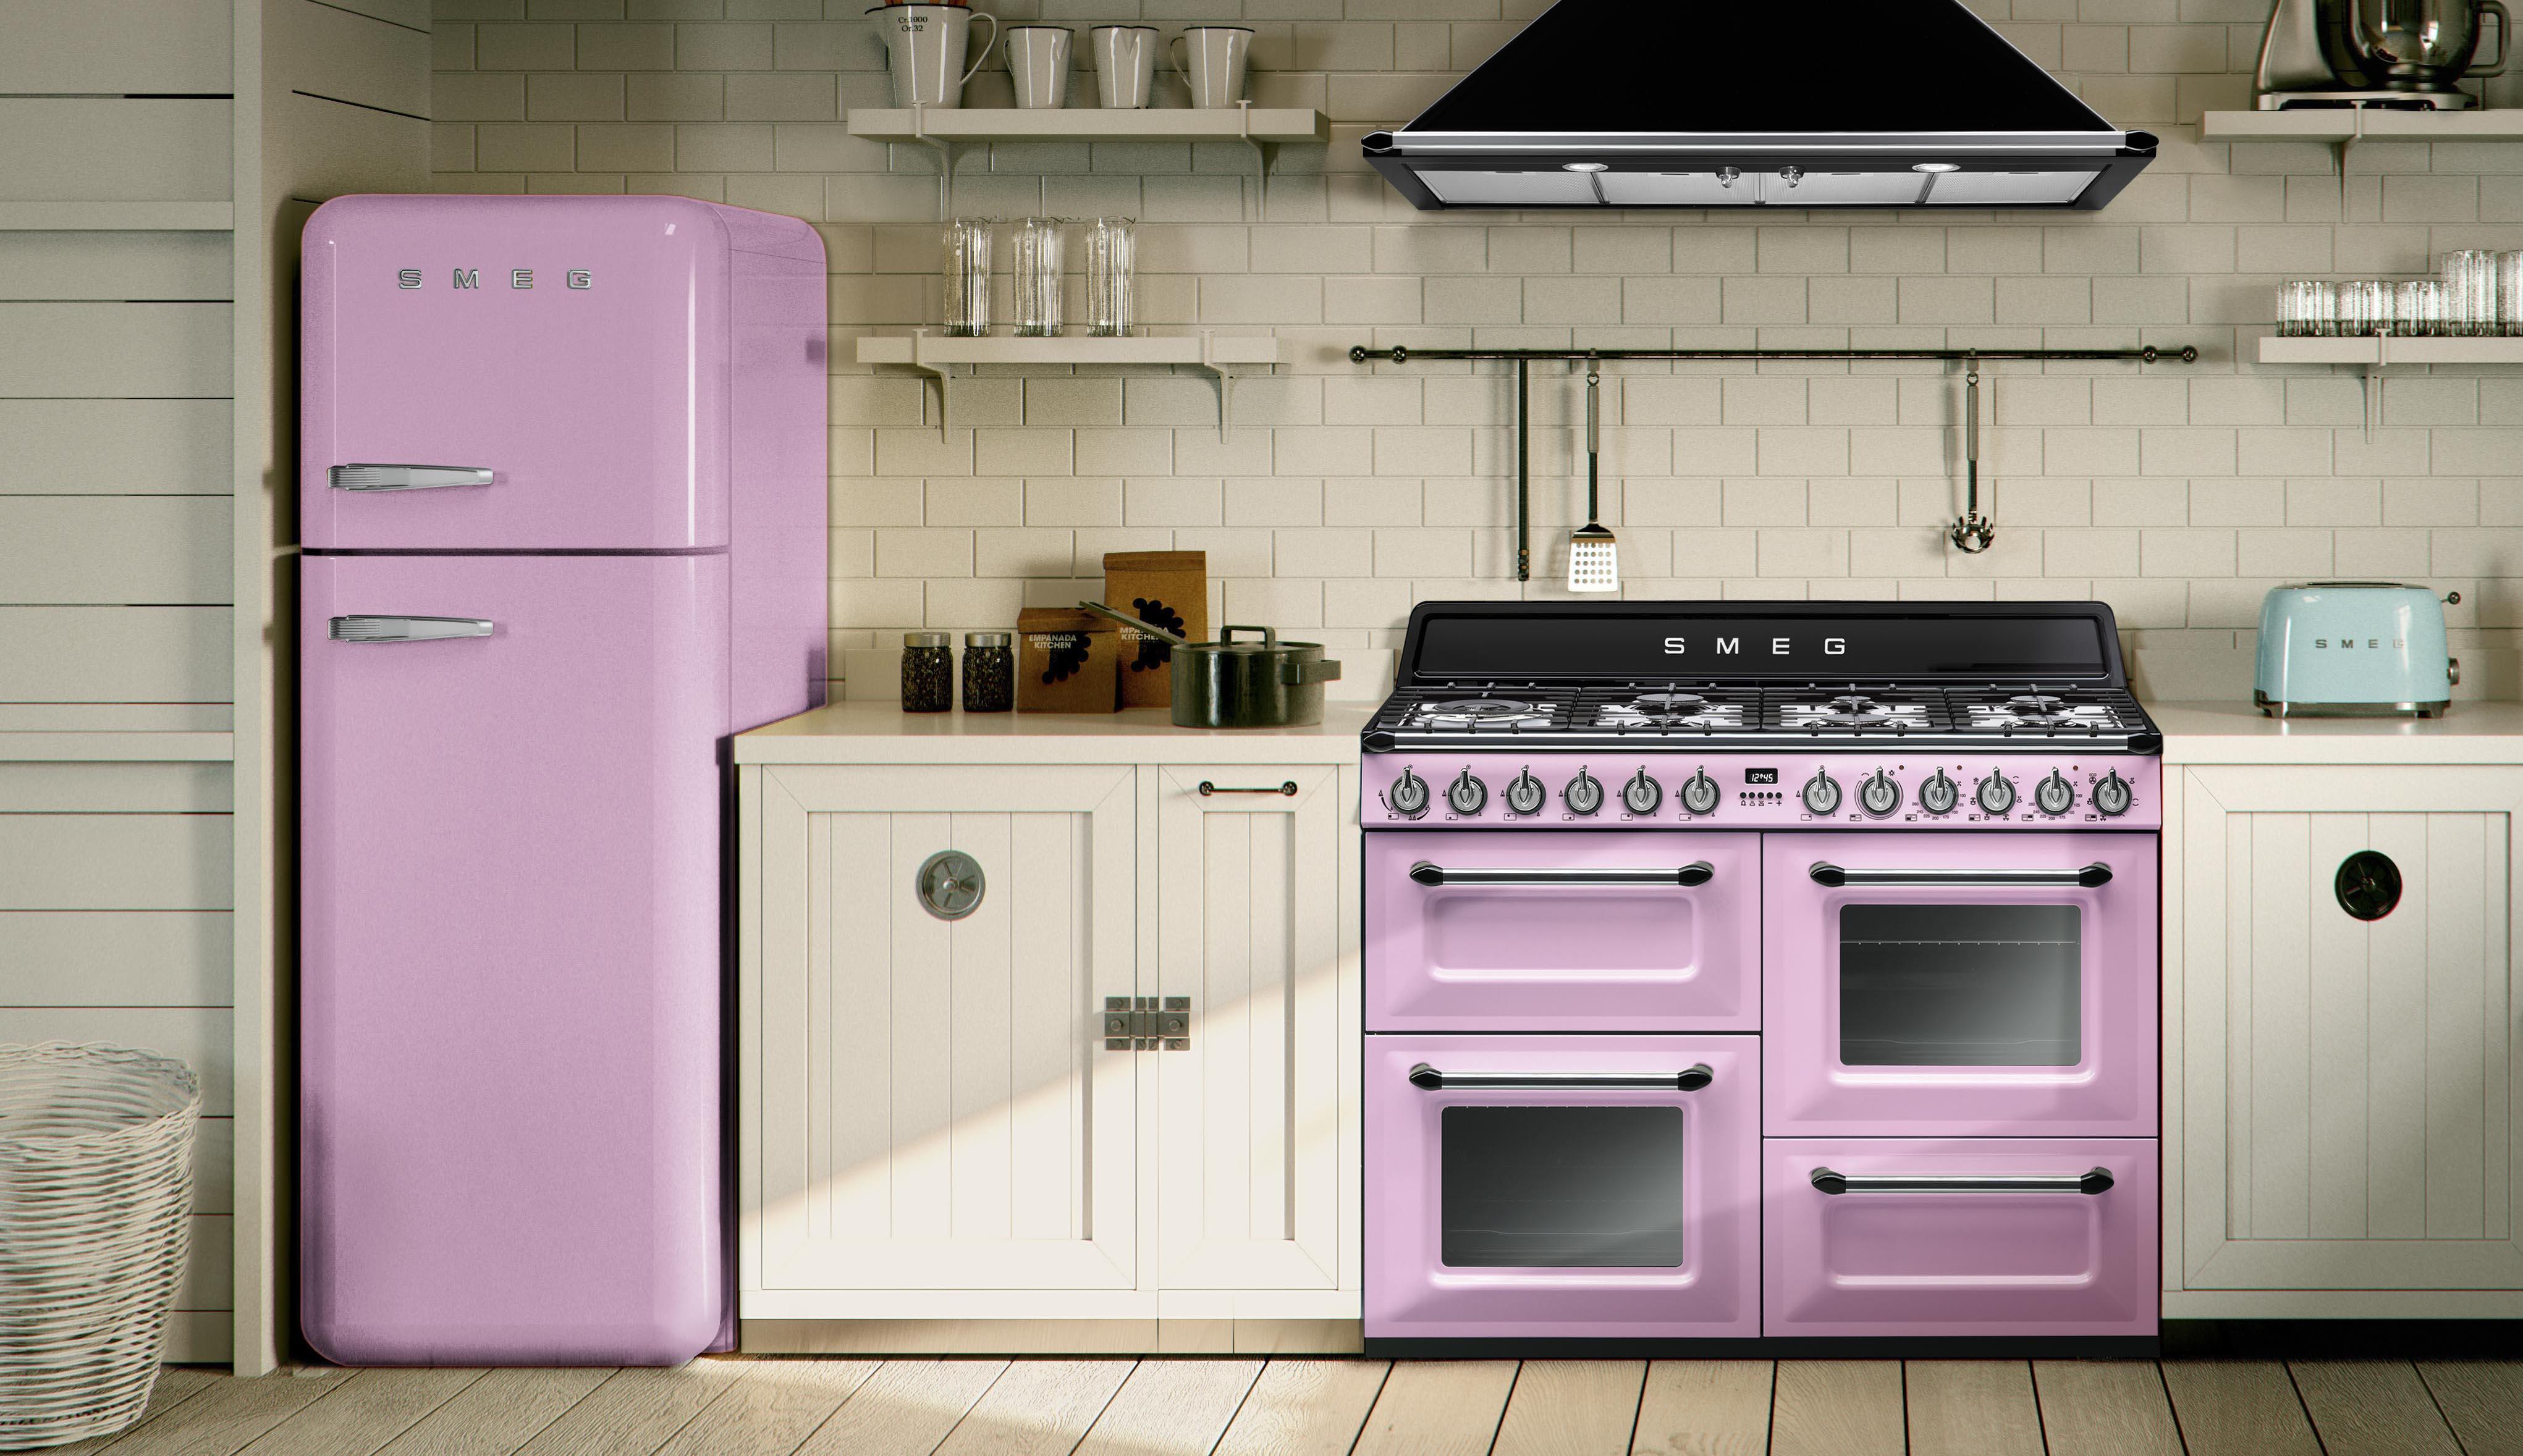 Smeg Kühlschrank Kaufen : Smeg kühlschrank kaufen: smeg fab laz ab u ac preisvergleich bei